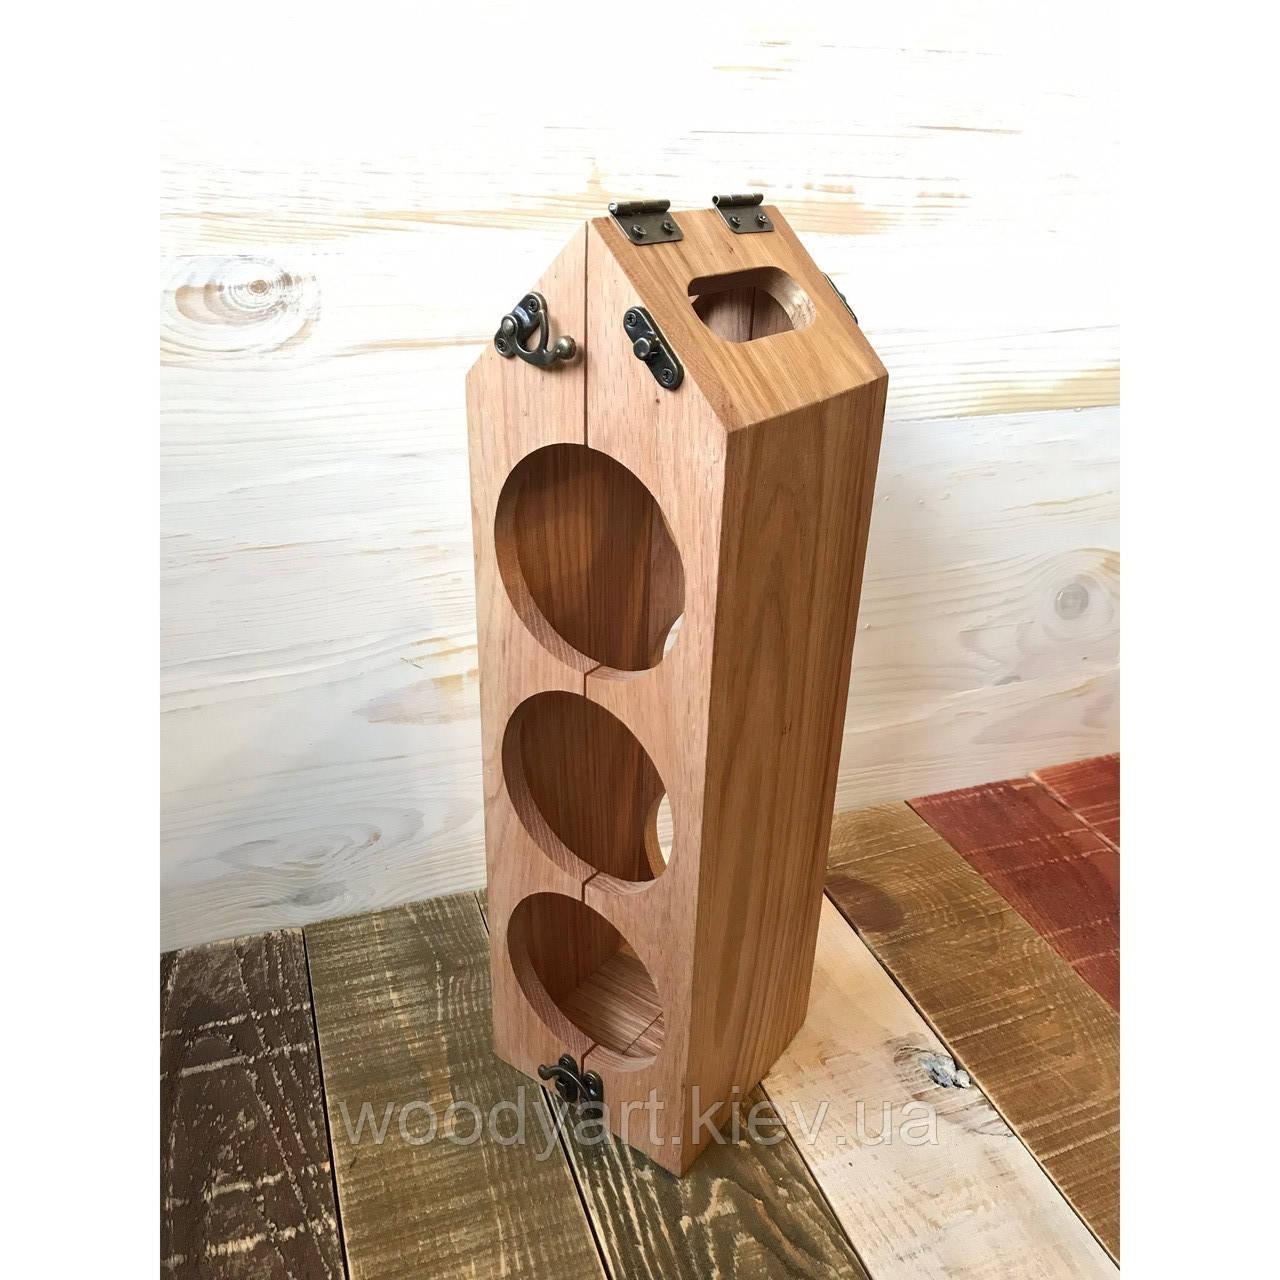 Подарочная коробка для бутылки, 11,5*11,5*38 см